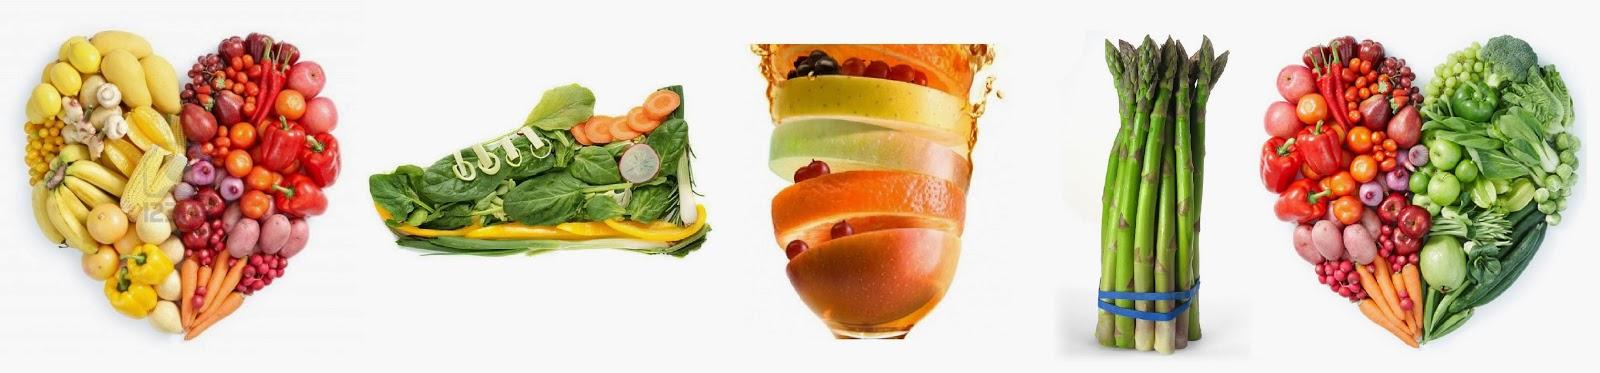 Cos jeść żeby w miesiąc 5 kg schudnąć